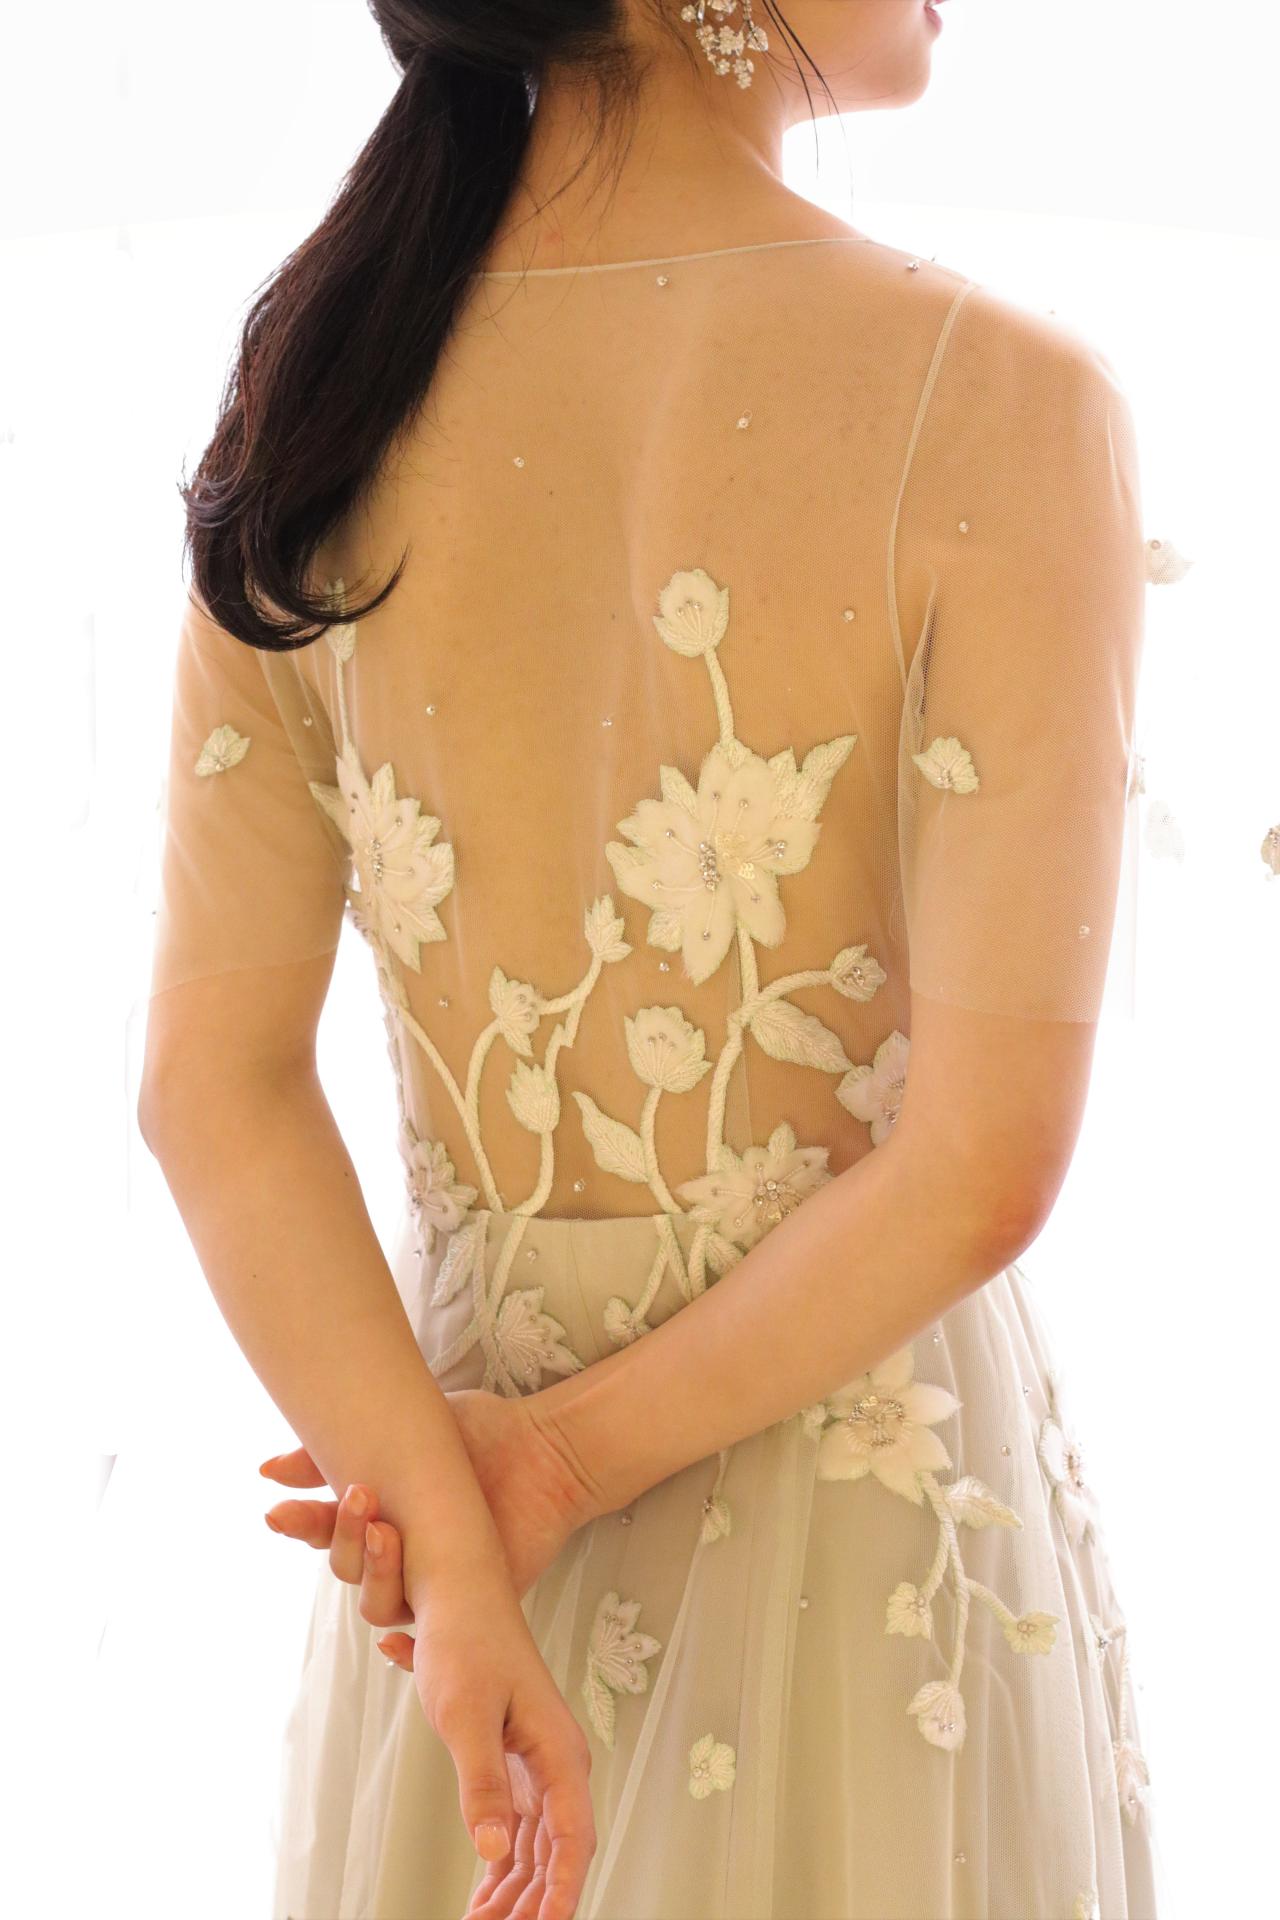 赤坂プリンスクラシックハウスでアットホームなお式をイメージされている花嫁様におすすめしたい、背中に浮かび上がるようなアンティークな刺繍と、リラックス感溢れるソフトチュールが美しいスレンダーラインのカラードレスです